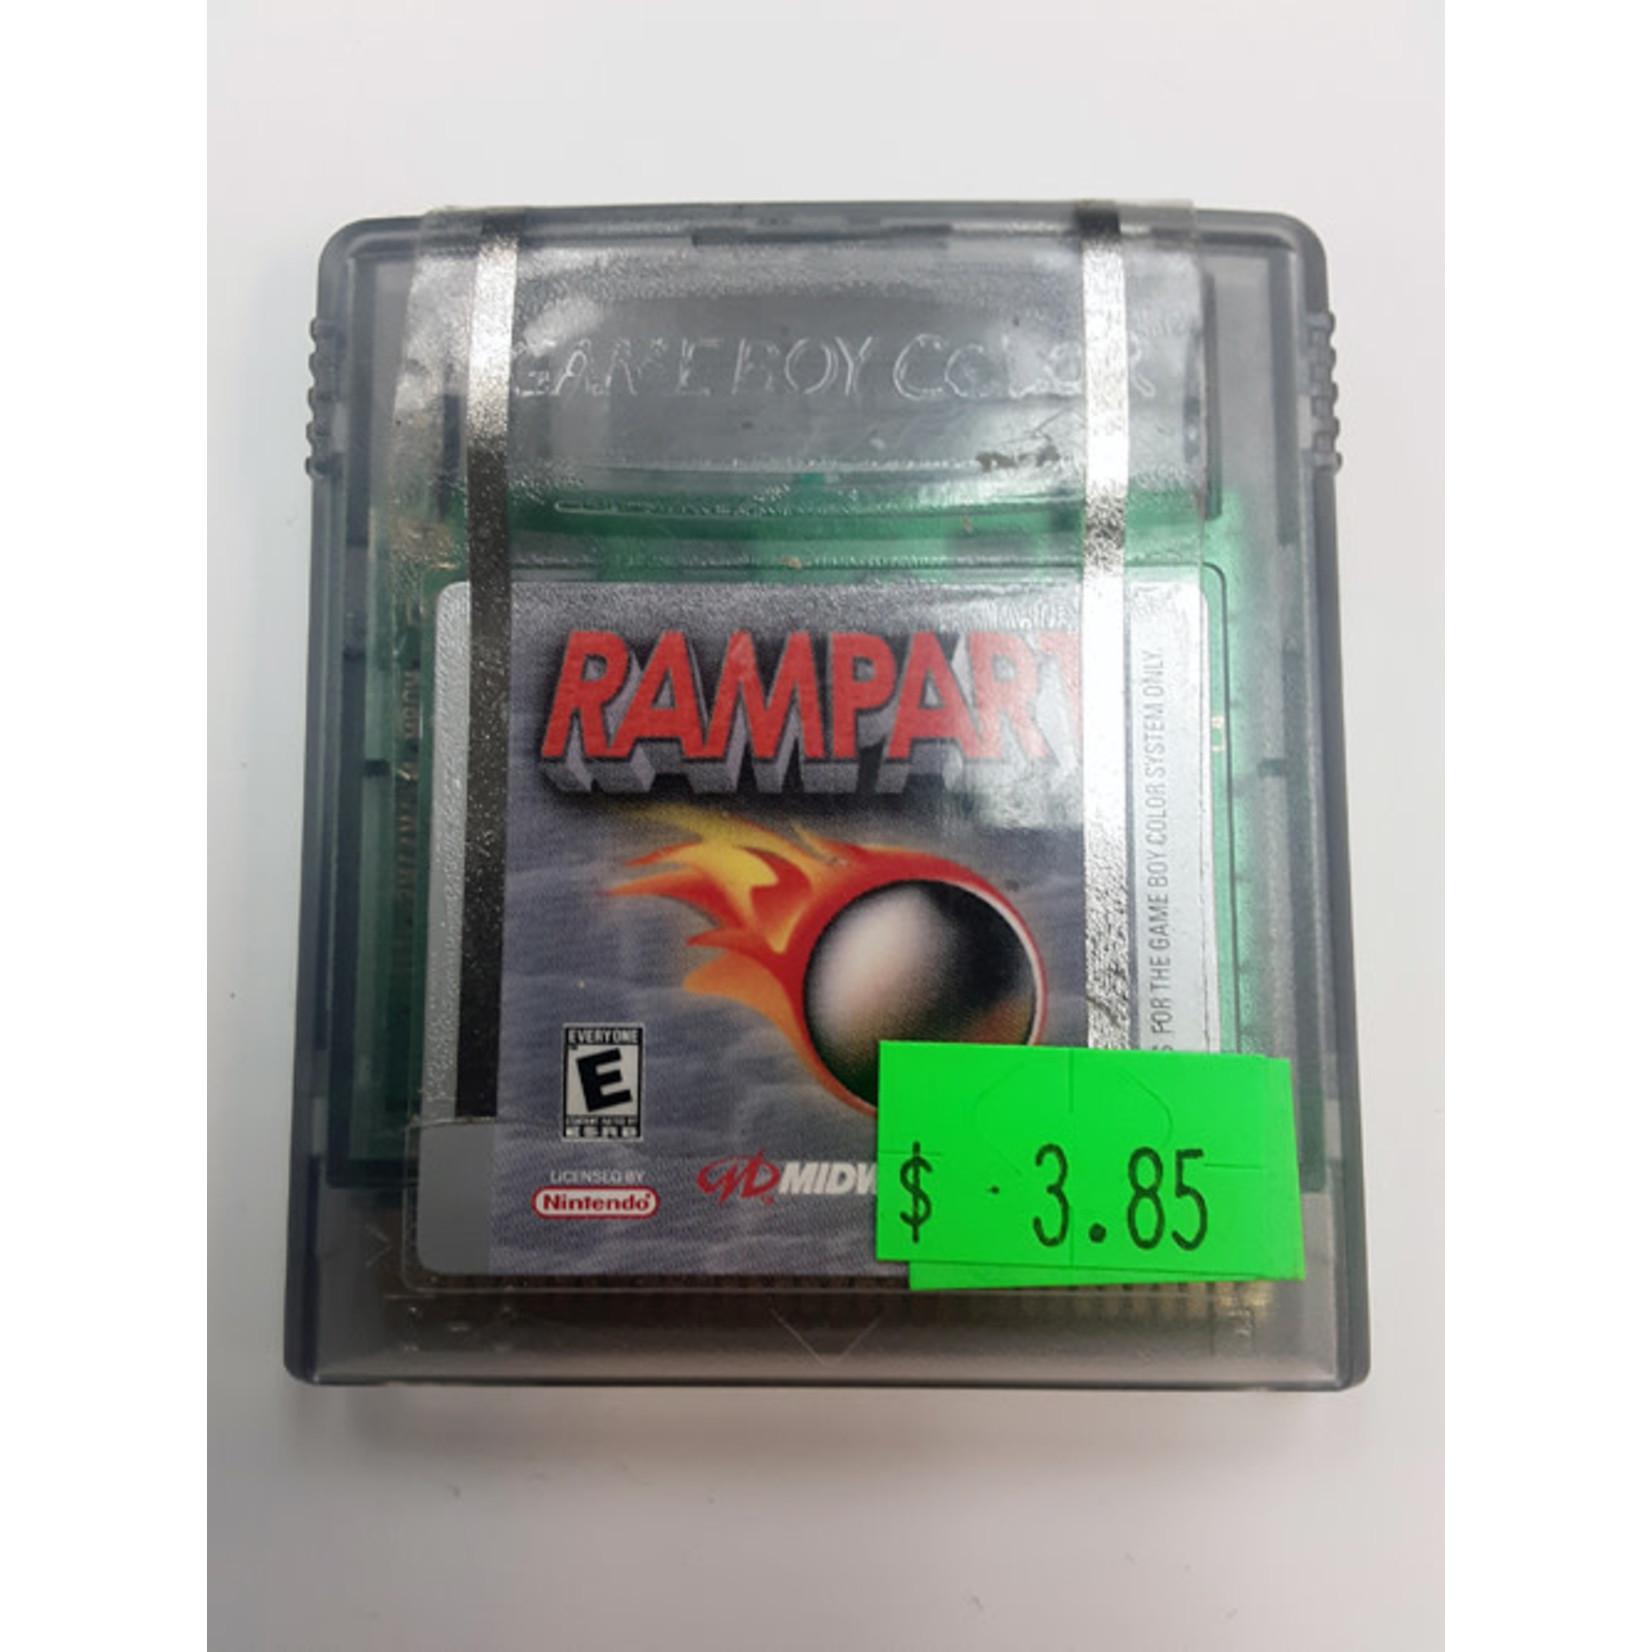 GBCu-Rampart (cartridge)